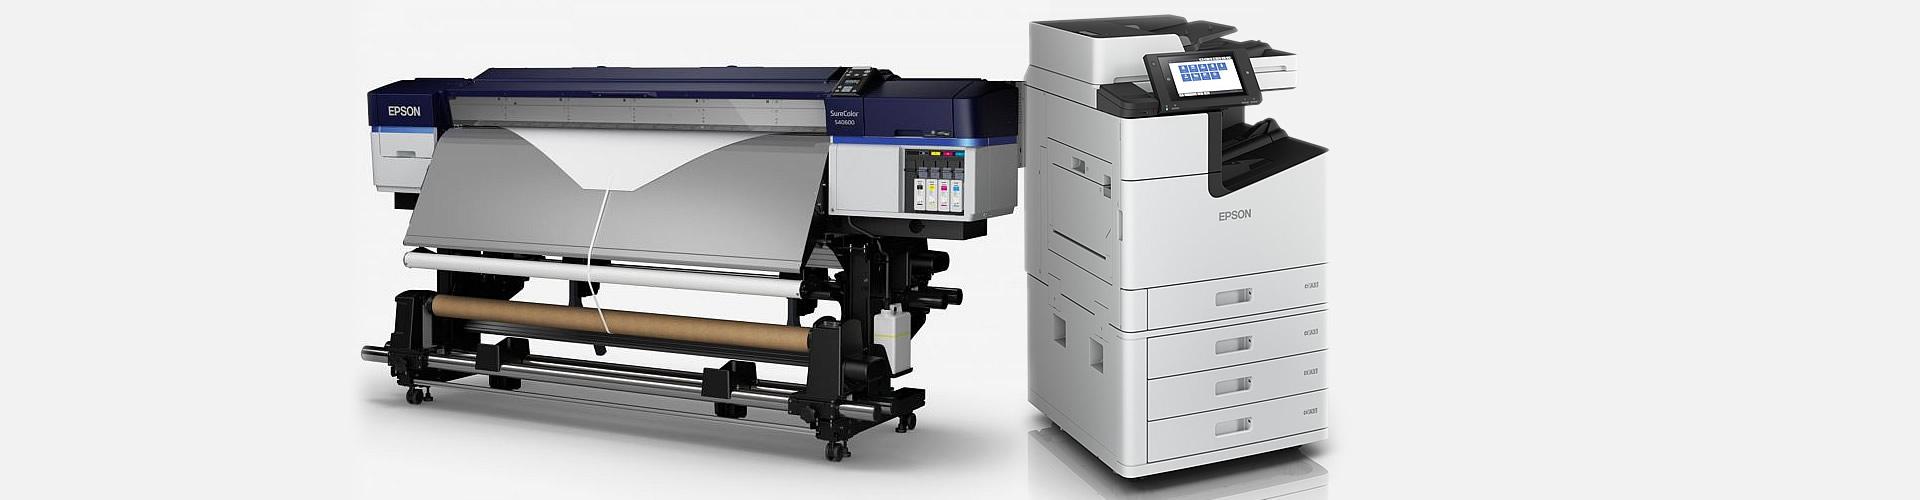 Sistema de impresión - Alquiler y Renting de Equipos Multifunción